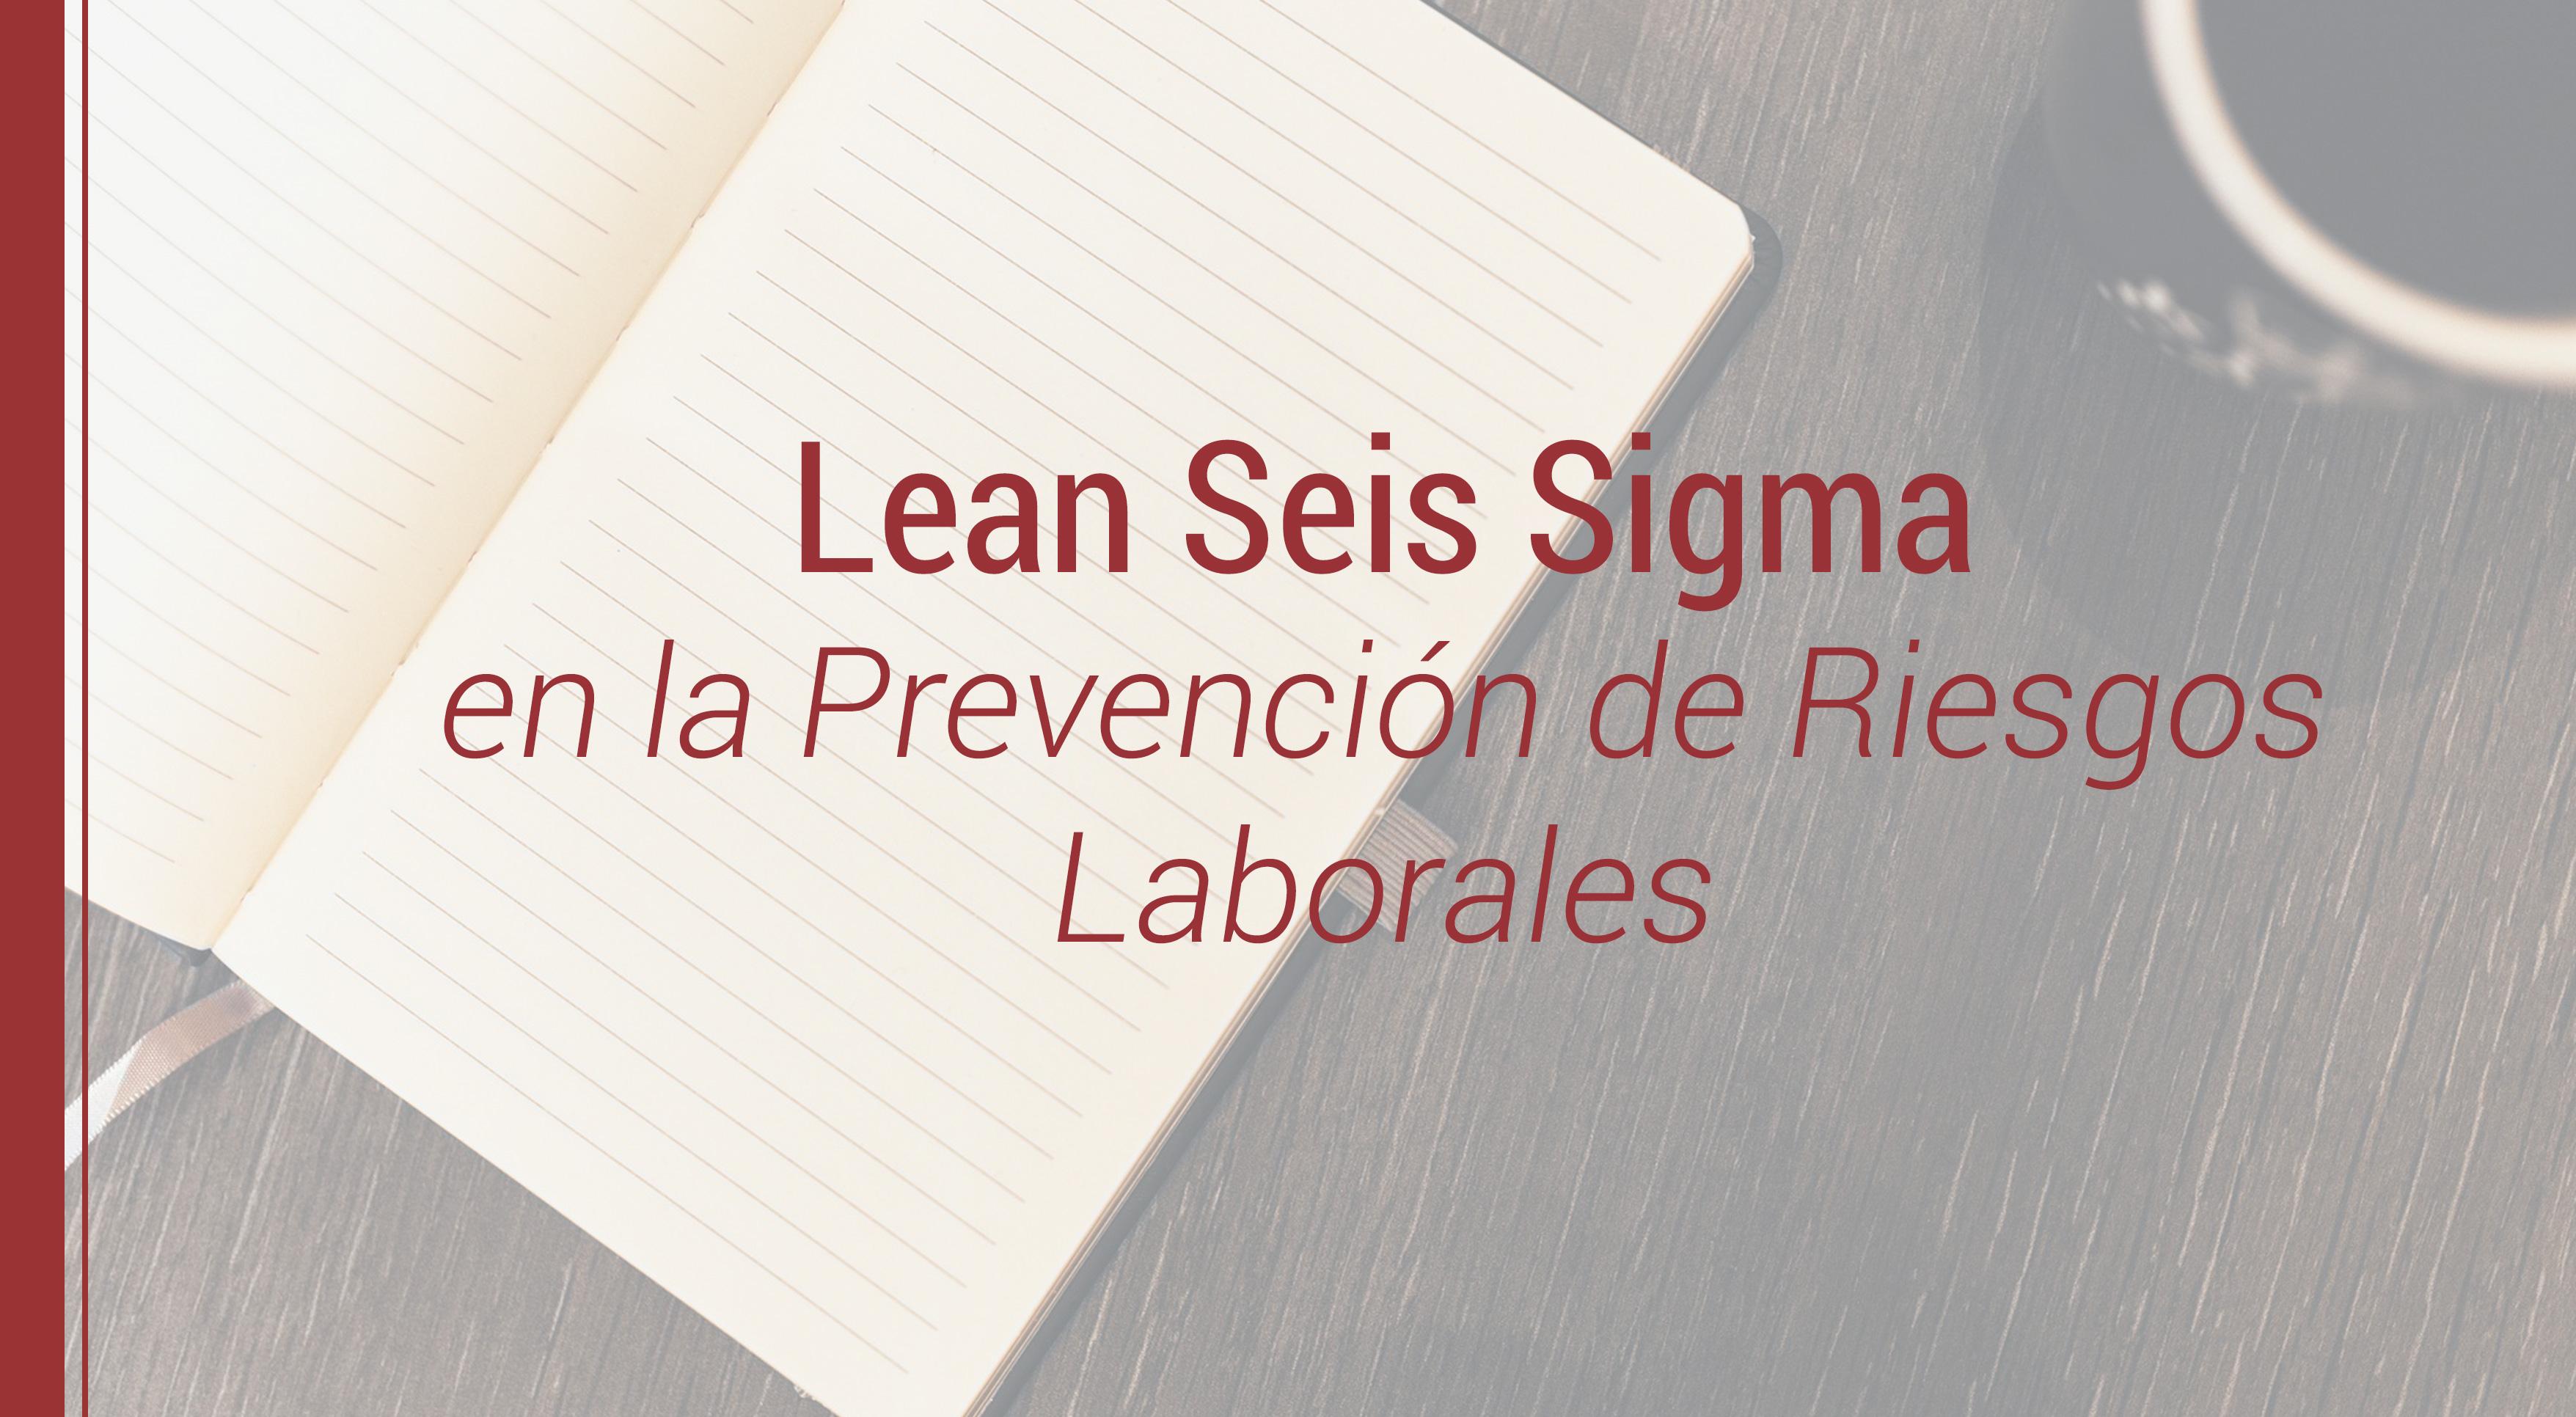 ventajas-lean-six-sigma-prl Ventajas de aplicar Lean Six Sigma en nuestro Plan de Prevención de Riesgos